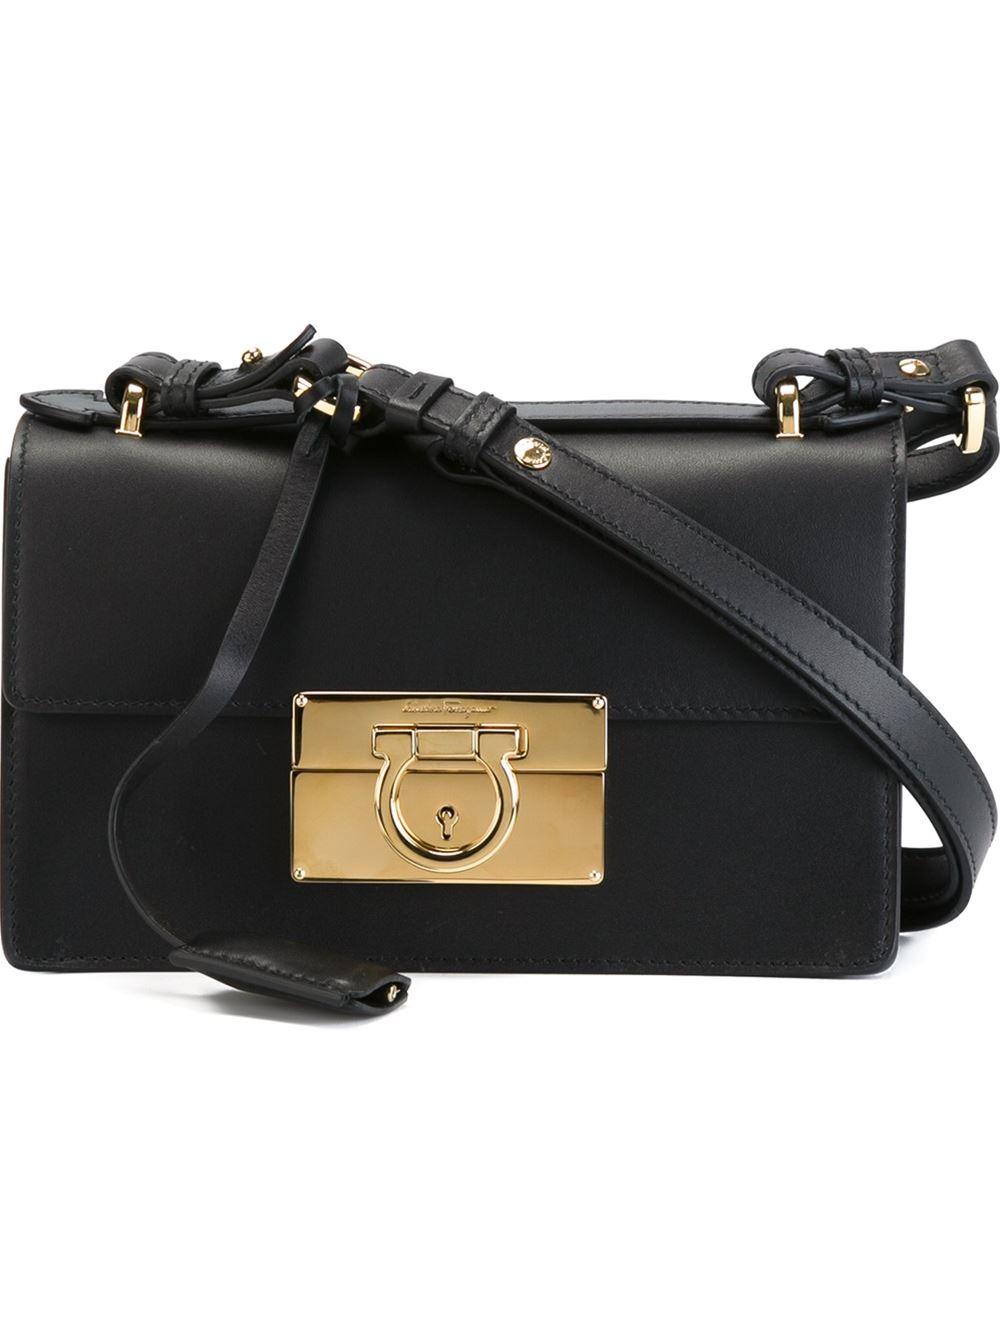 4dc6aa3f9664 Lyst - Ferragamo Aileen Shoulder Bag in Black